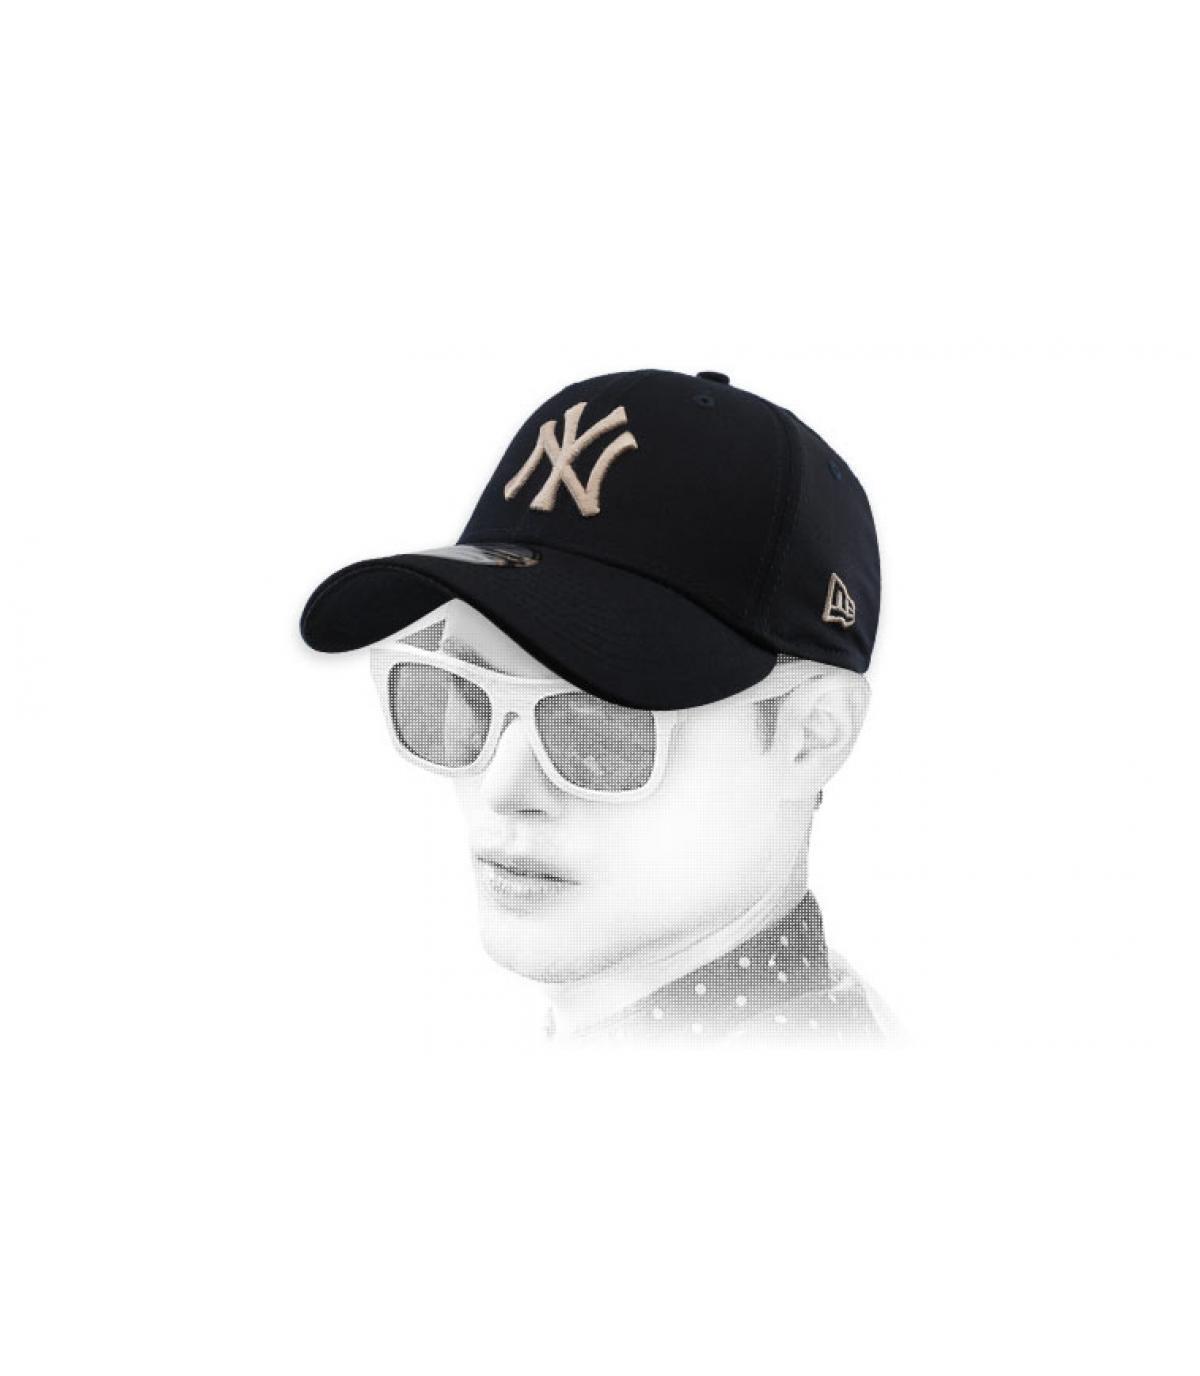 Cap NY schwarz stretch